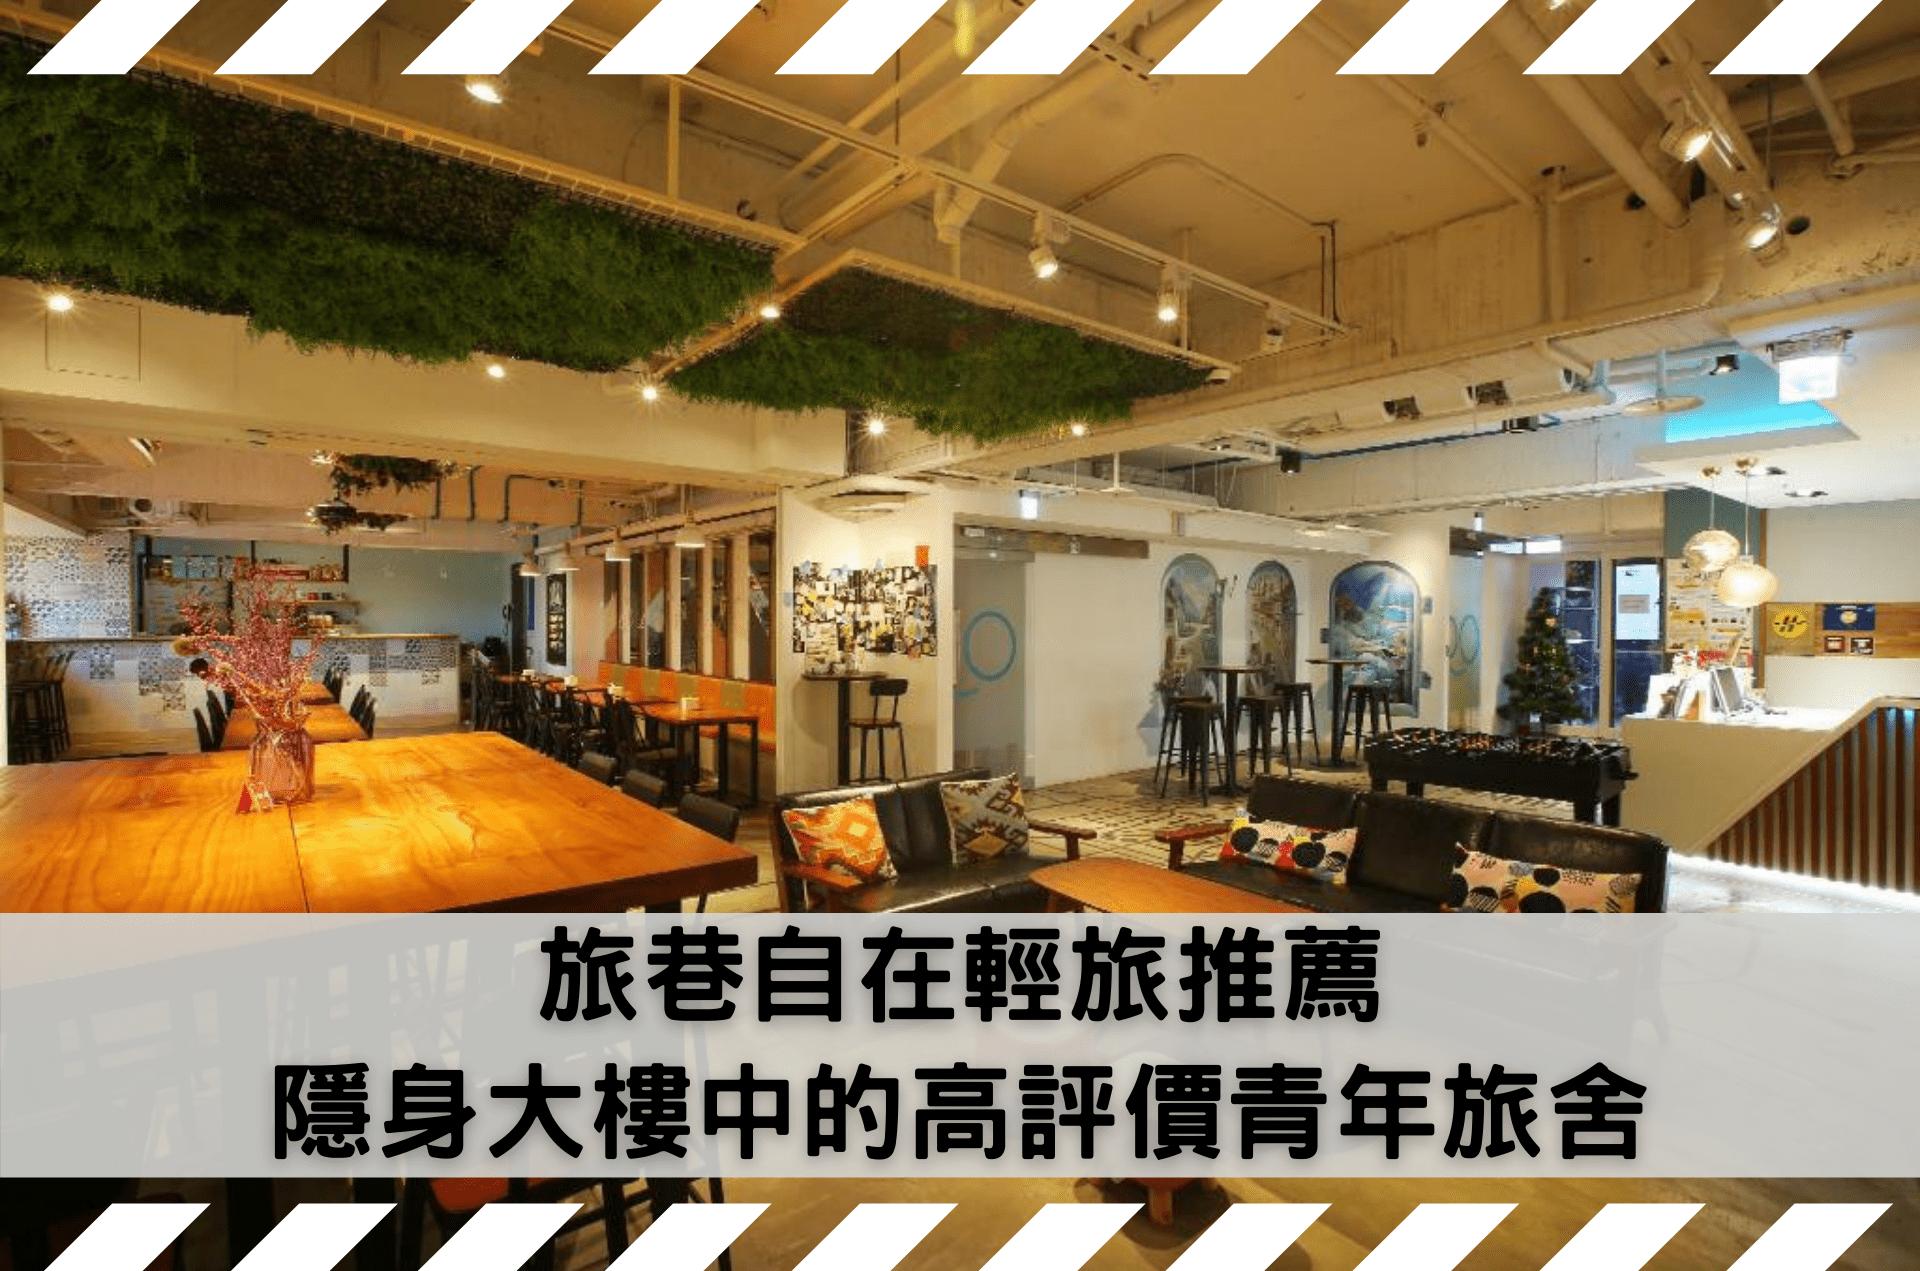 [台中住宿]旅巷自在輕旅推薦,隱身大樓中的高評價青年旅舍